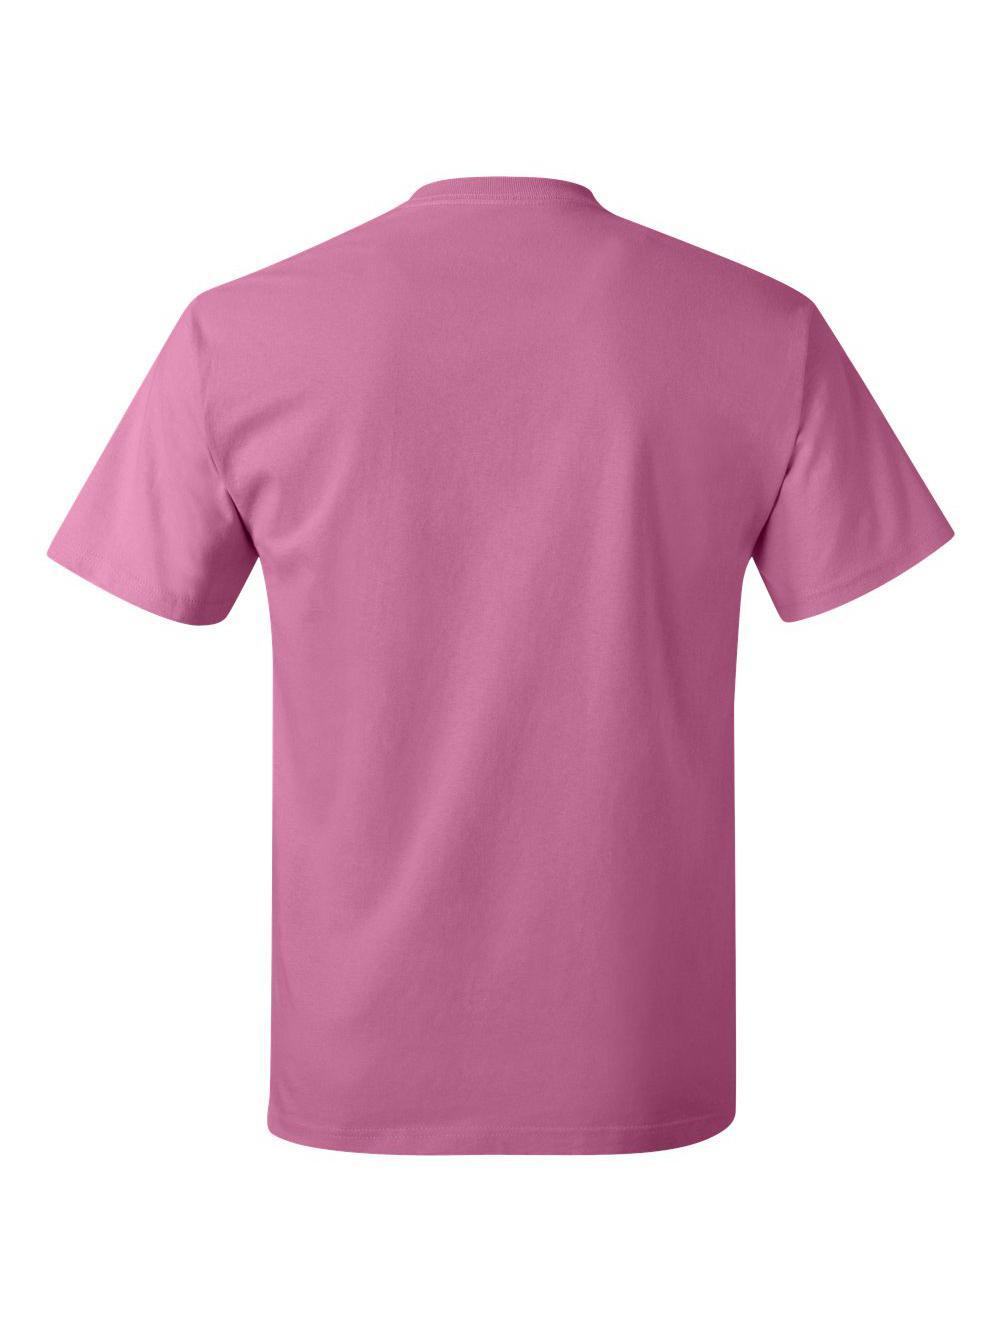 Hanes-Tagless-T-Shirt-5250 thumbnail 94